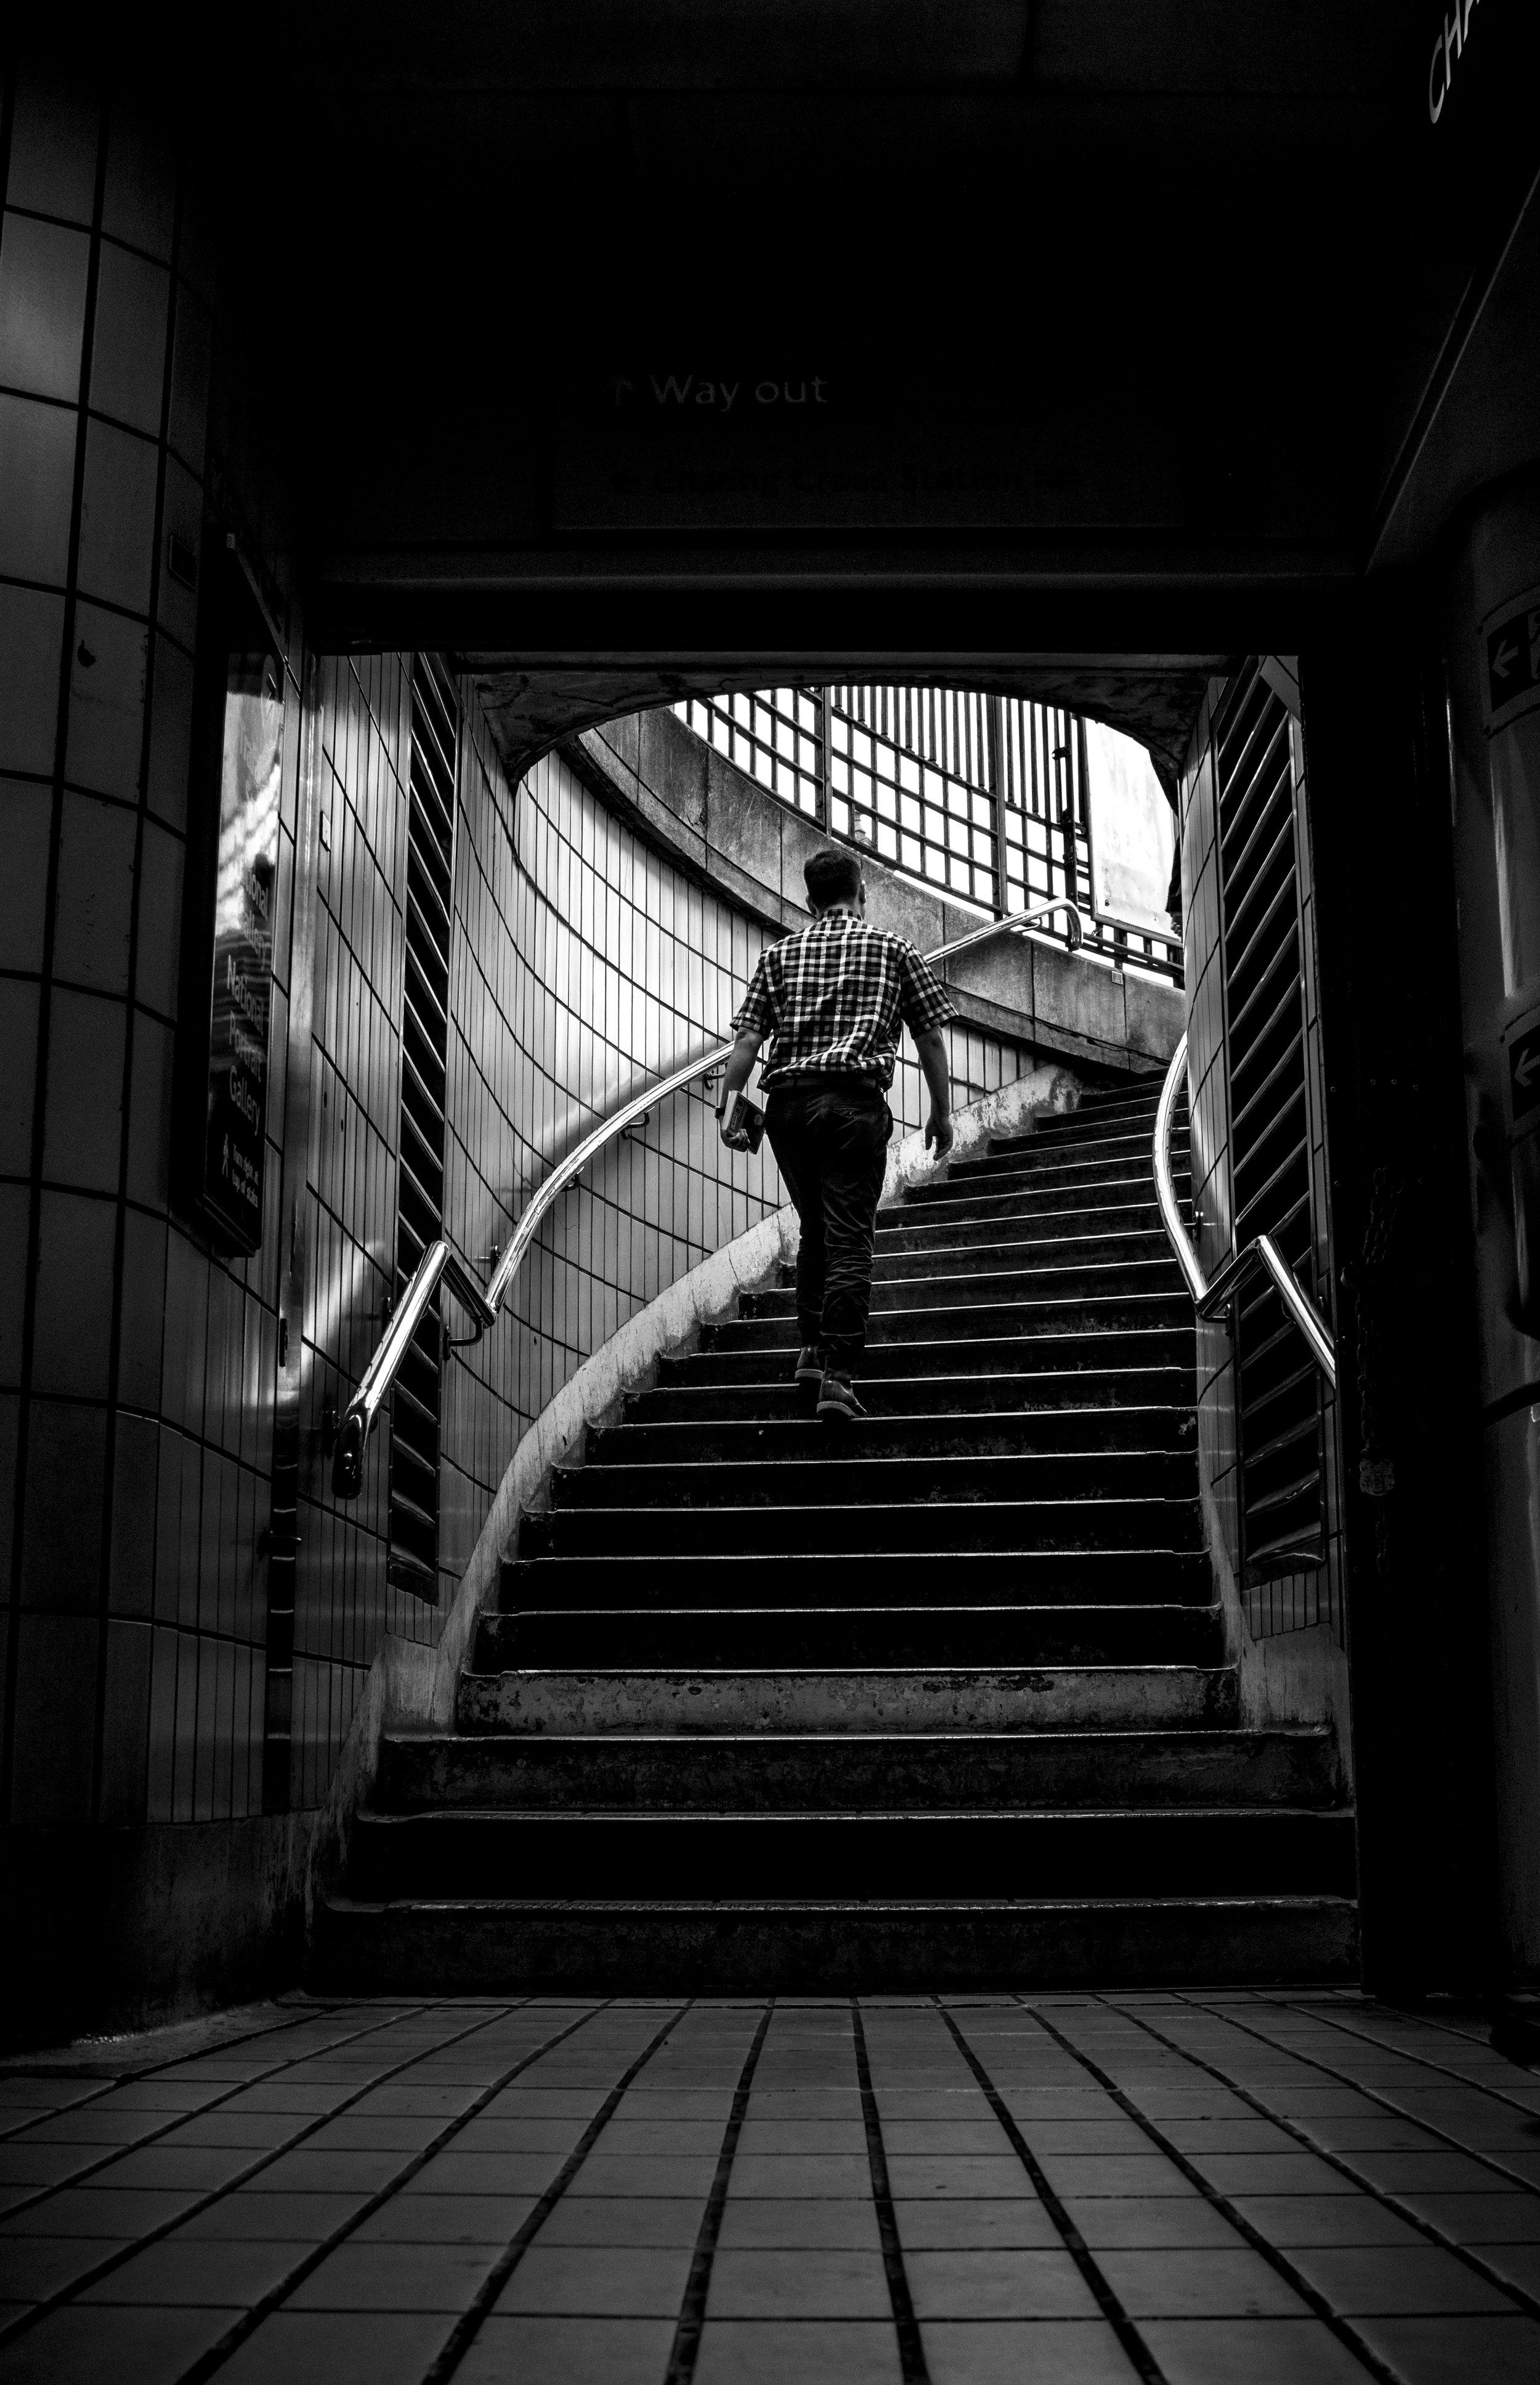 1. Treppensteigen für mehr Beweglichkeit - Treppensteigen statt Lift fahren senkt das Gewicht (zirka 5 Kalorien pro Stockwerk), wie auch verringert Hüftumfang.